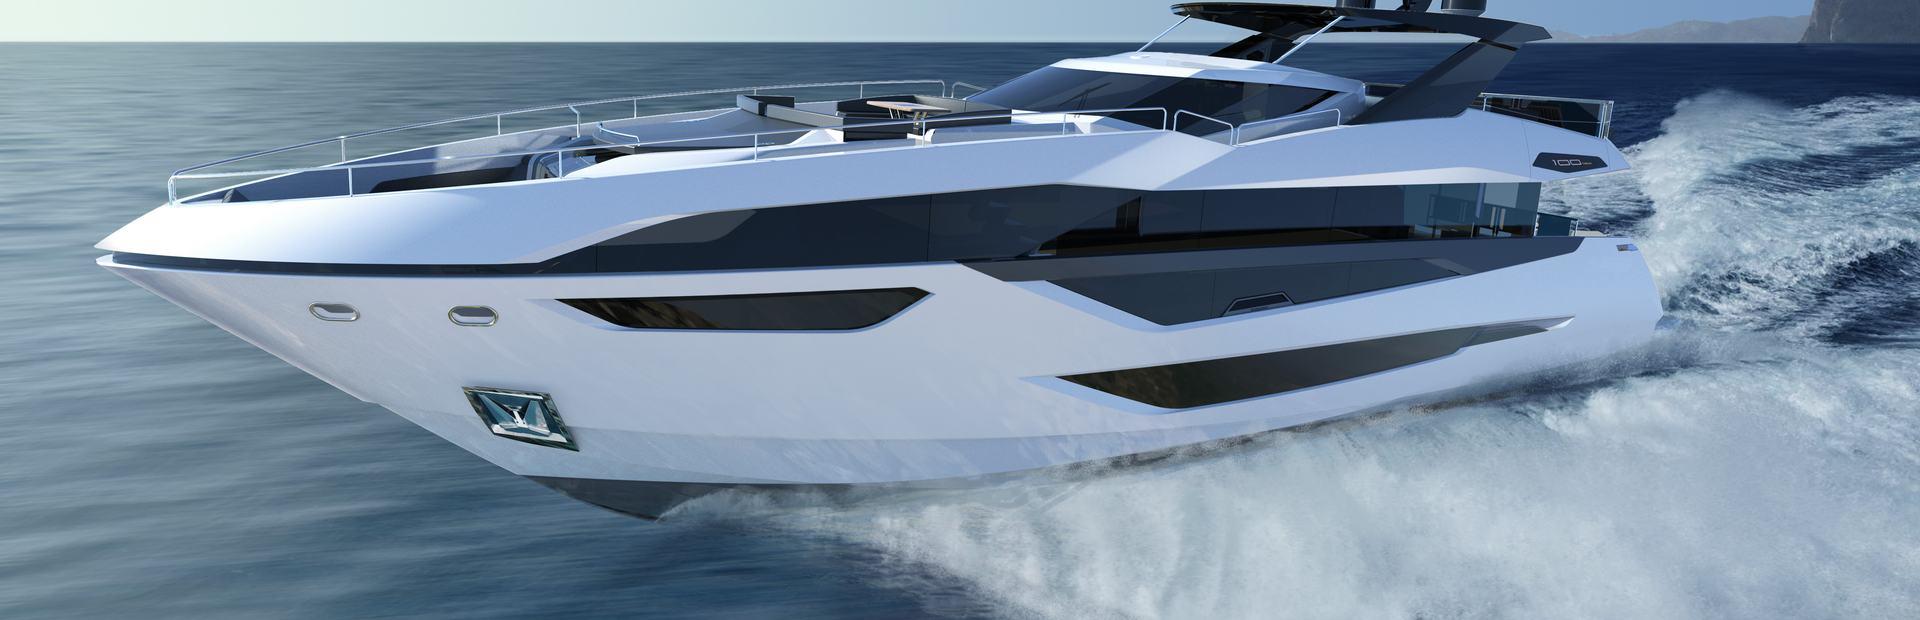 100 Yacht Yacht Charter